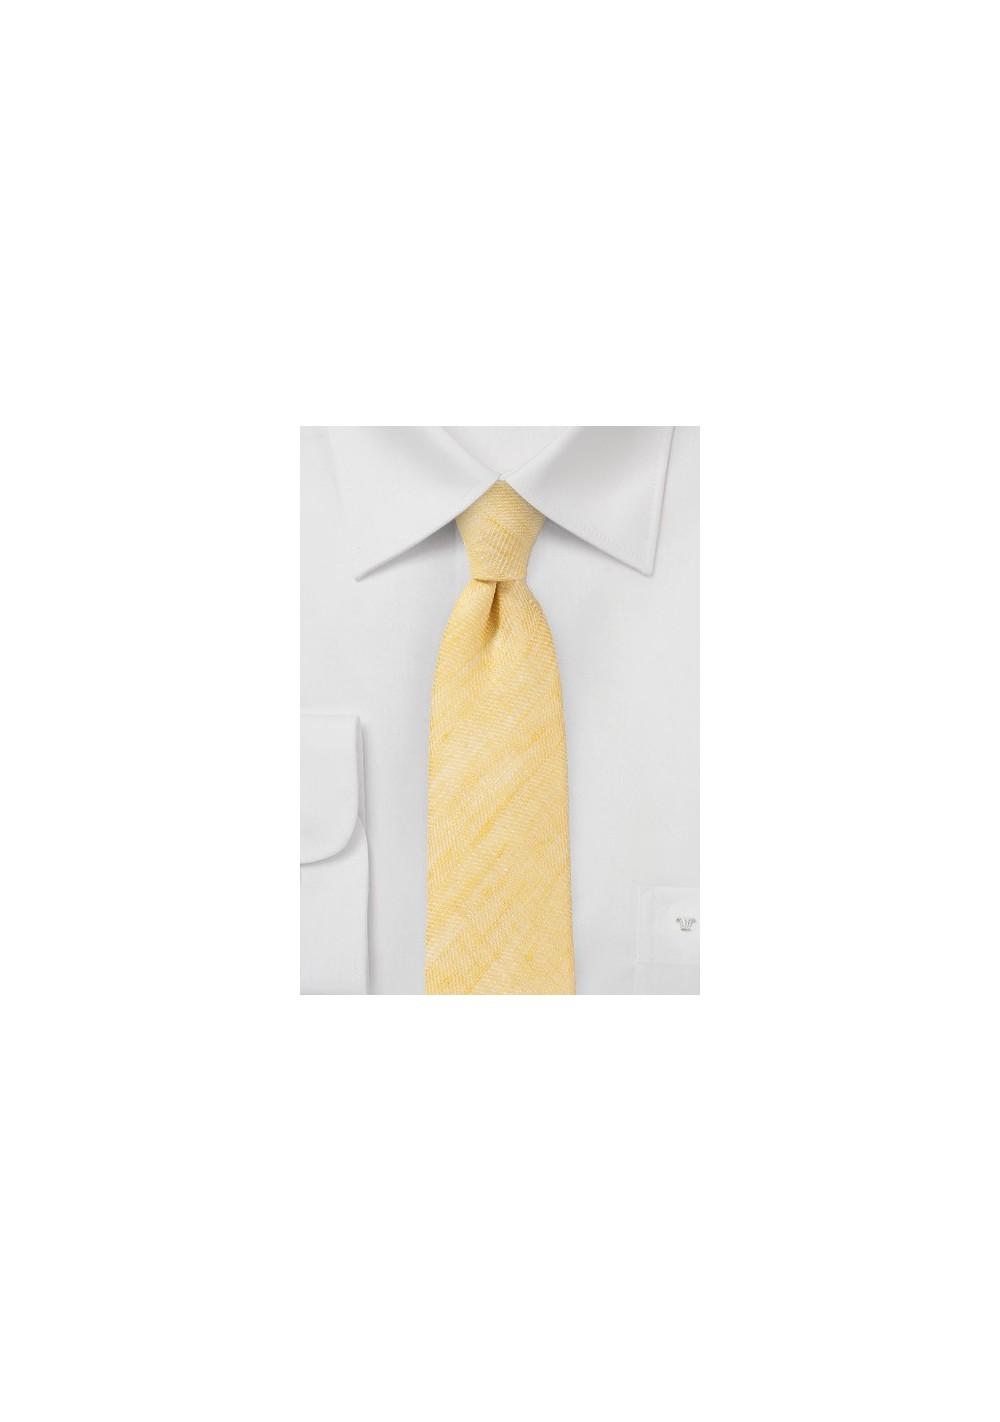 Skinny Tie in Vintage Yellow